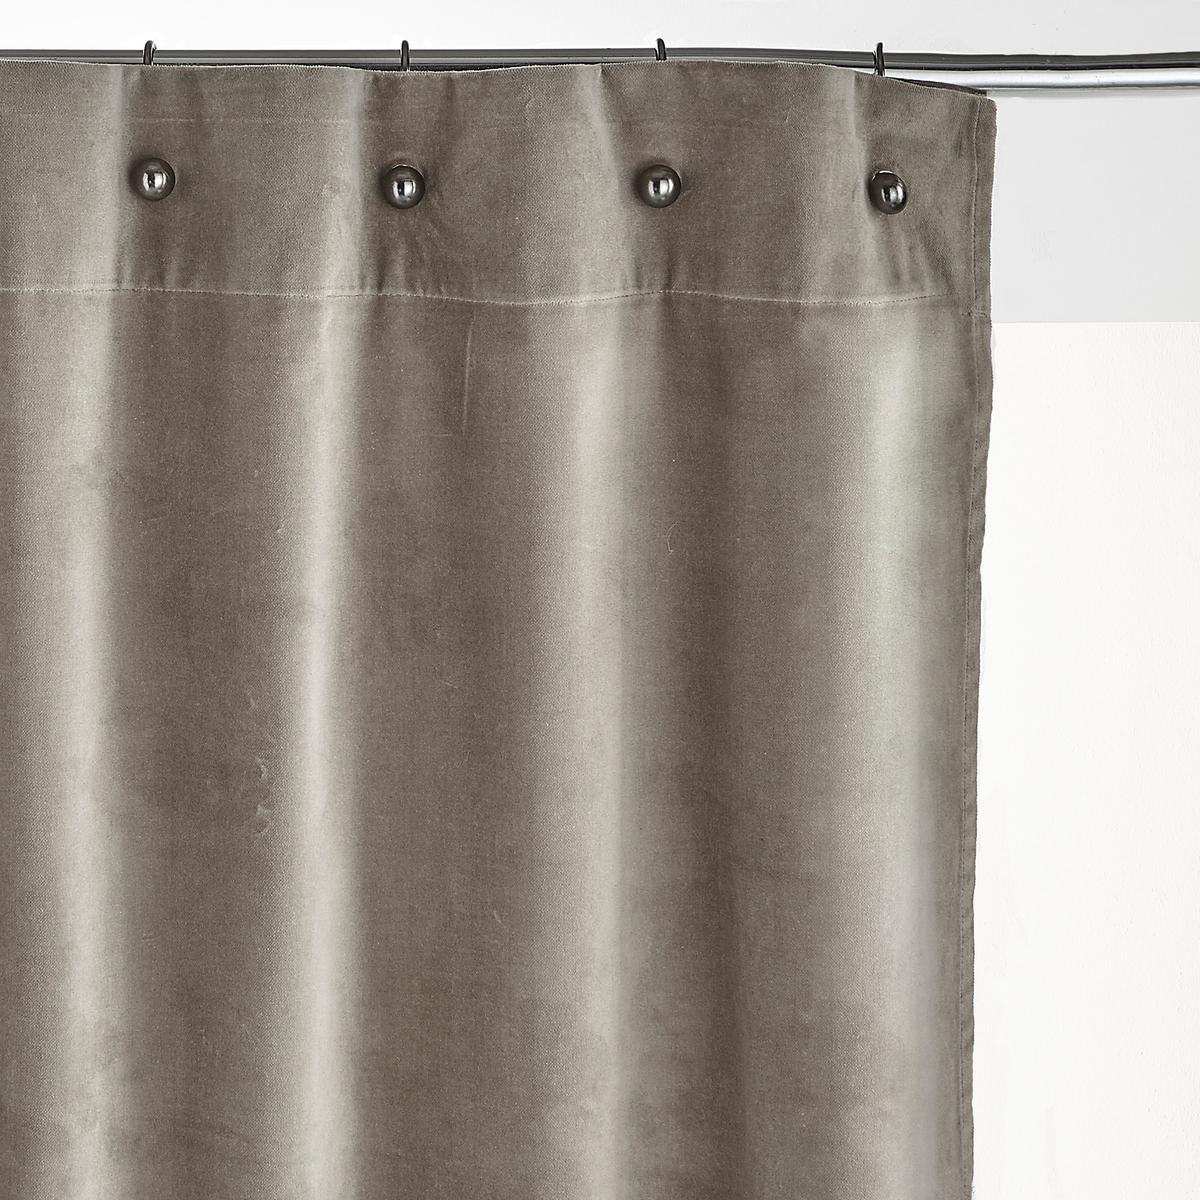 Штора из велюра с маленькими люверсами LavezziШтора Lavezzi. Из роскошного мягкого бархата, натуральный хлопок. Роскошная ткань, великолепная расцветка и оригинальная отделка в виде маленьких люверсов, специально созданных для крючков Copalme, представленных на нашем сайте. Помимо оригинального крепления, маленькие люверсы позволяют легко повесить шторы, не снимая карниз, по сравнению со шторами с обычными люверсами.    Материал :- Из приятного на ощупь велюра, 100% хлопокОтделка : - Подшитые края, штора готова к использованию- Маленькие люверсы диаметром 1 см цвета серый металлик, сочетаются с крючками Copalme, представленными на нашем сайтеУход : - Машинная стирка при 40 °СРазмеры :- Ширина 140 x Высота 180 см- Ширина 140 x Высота 220 см- Ширина 140 x Высота 260 см- Ширина 140 x высота 350 cм  ВНИМАНИЕ: Цвет товара соответствует картинке.<br><br>Цвет: светло-синий,Серо-голубой,темно-коричневый<br>Размер: 140 x 350  см.140 x 220  см.140 x 260  см